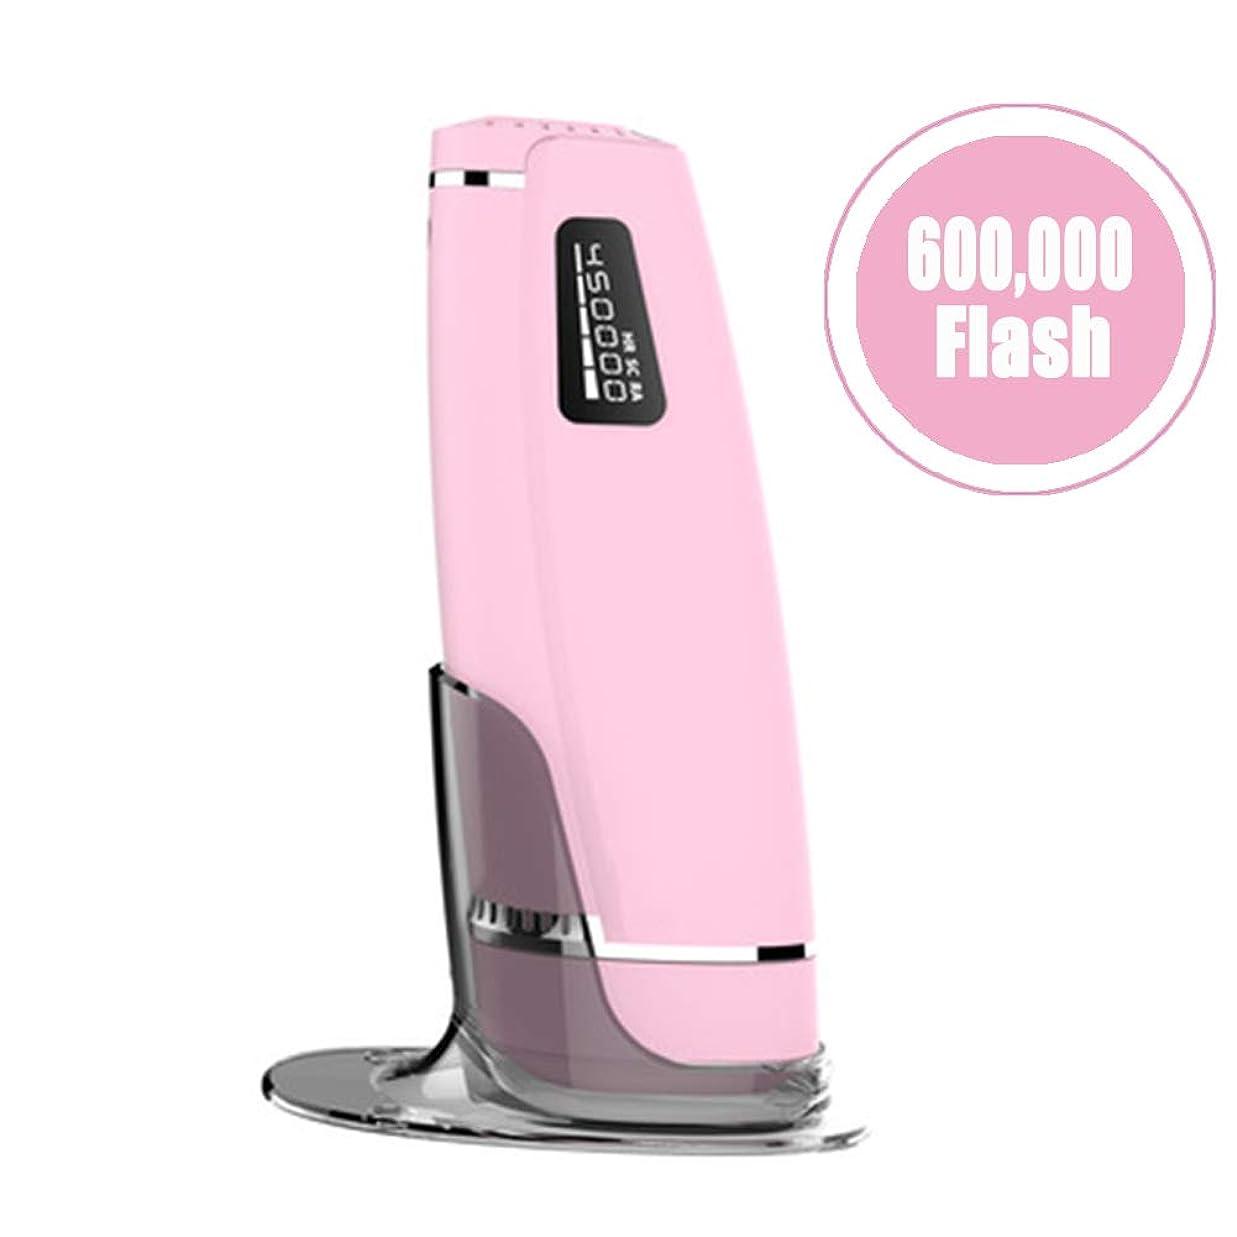 誘導同僚クラフトアップグレードIPLレーザー脱毛システムデバイス、60万回のフラッシュ無痛常設パルス光脱毛器にとってボディフェイス脇の下ビキニライン,Pink